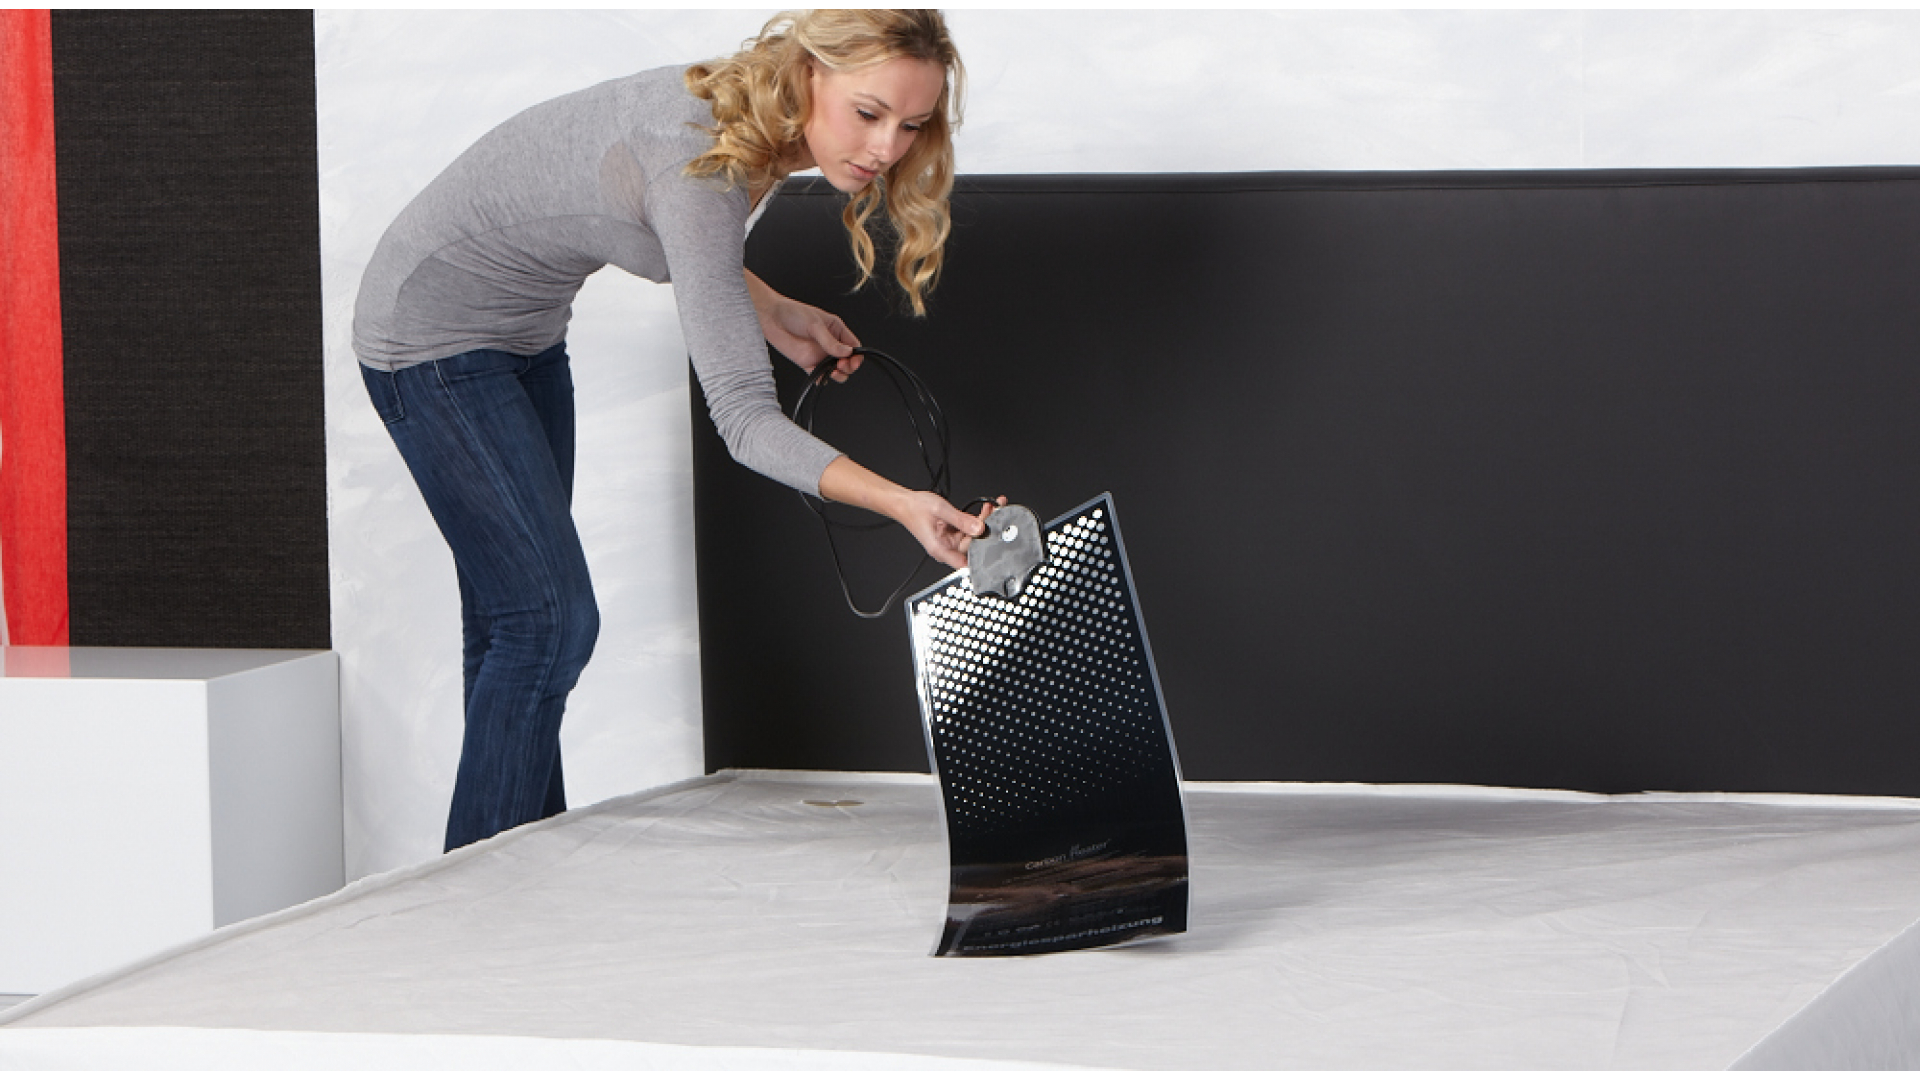 Wasserbettheizung Carbon IQ Digital ins Wasserbett einlegen